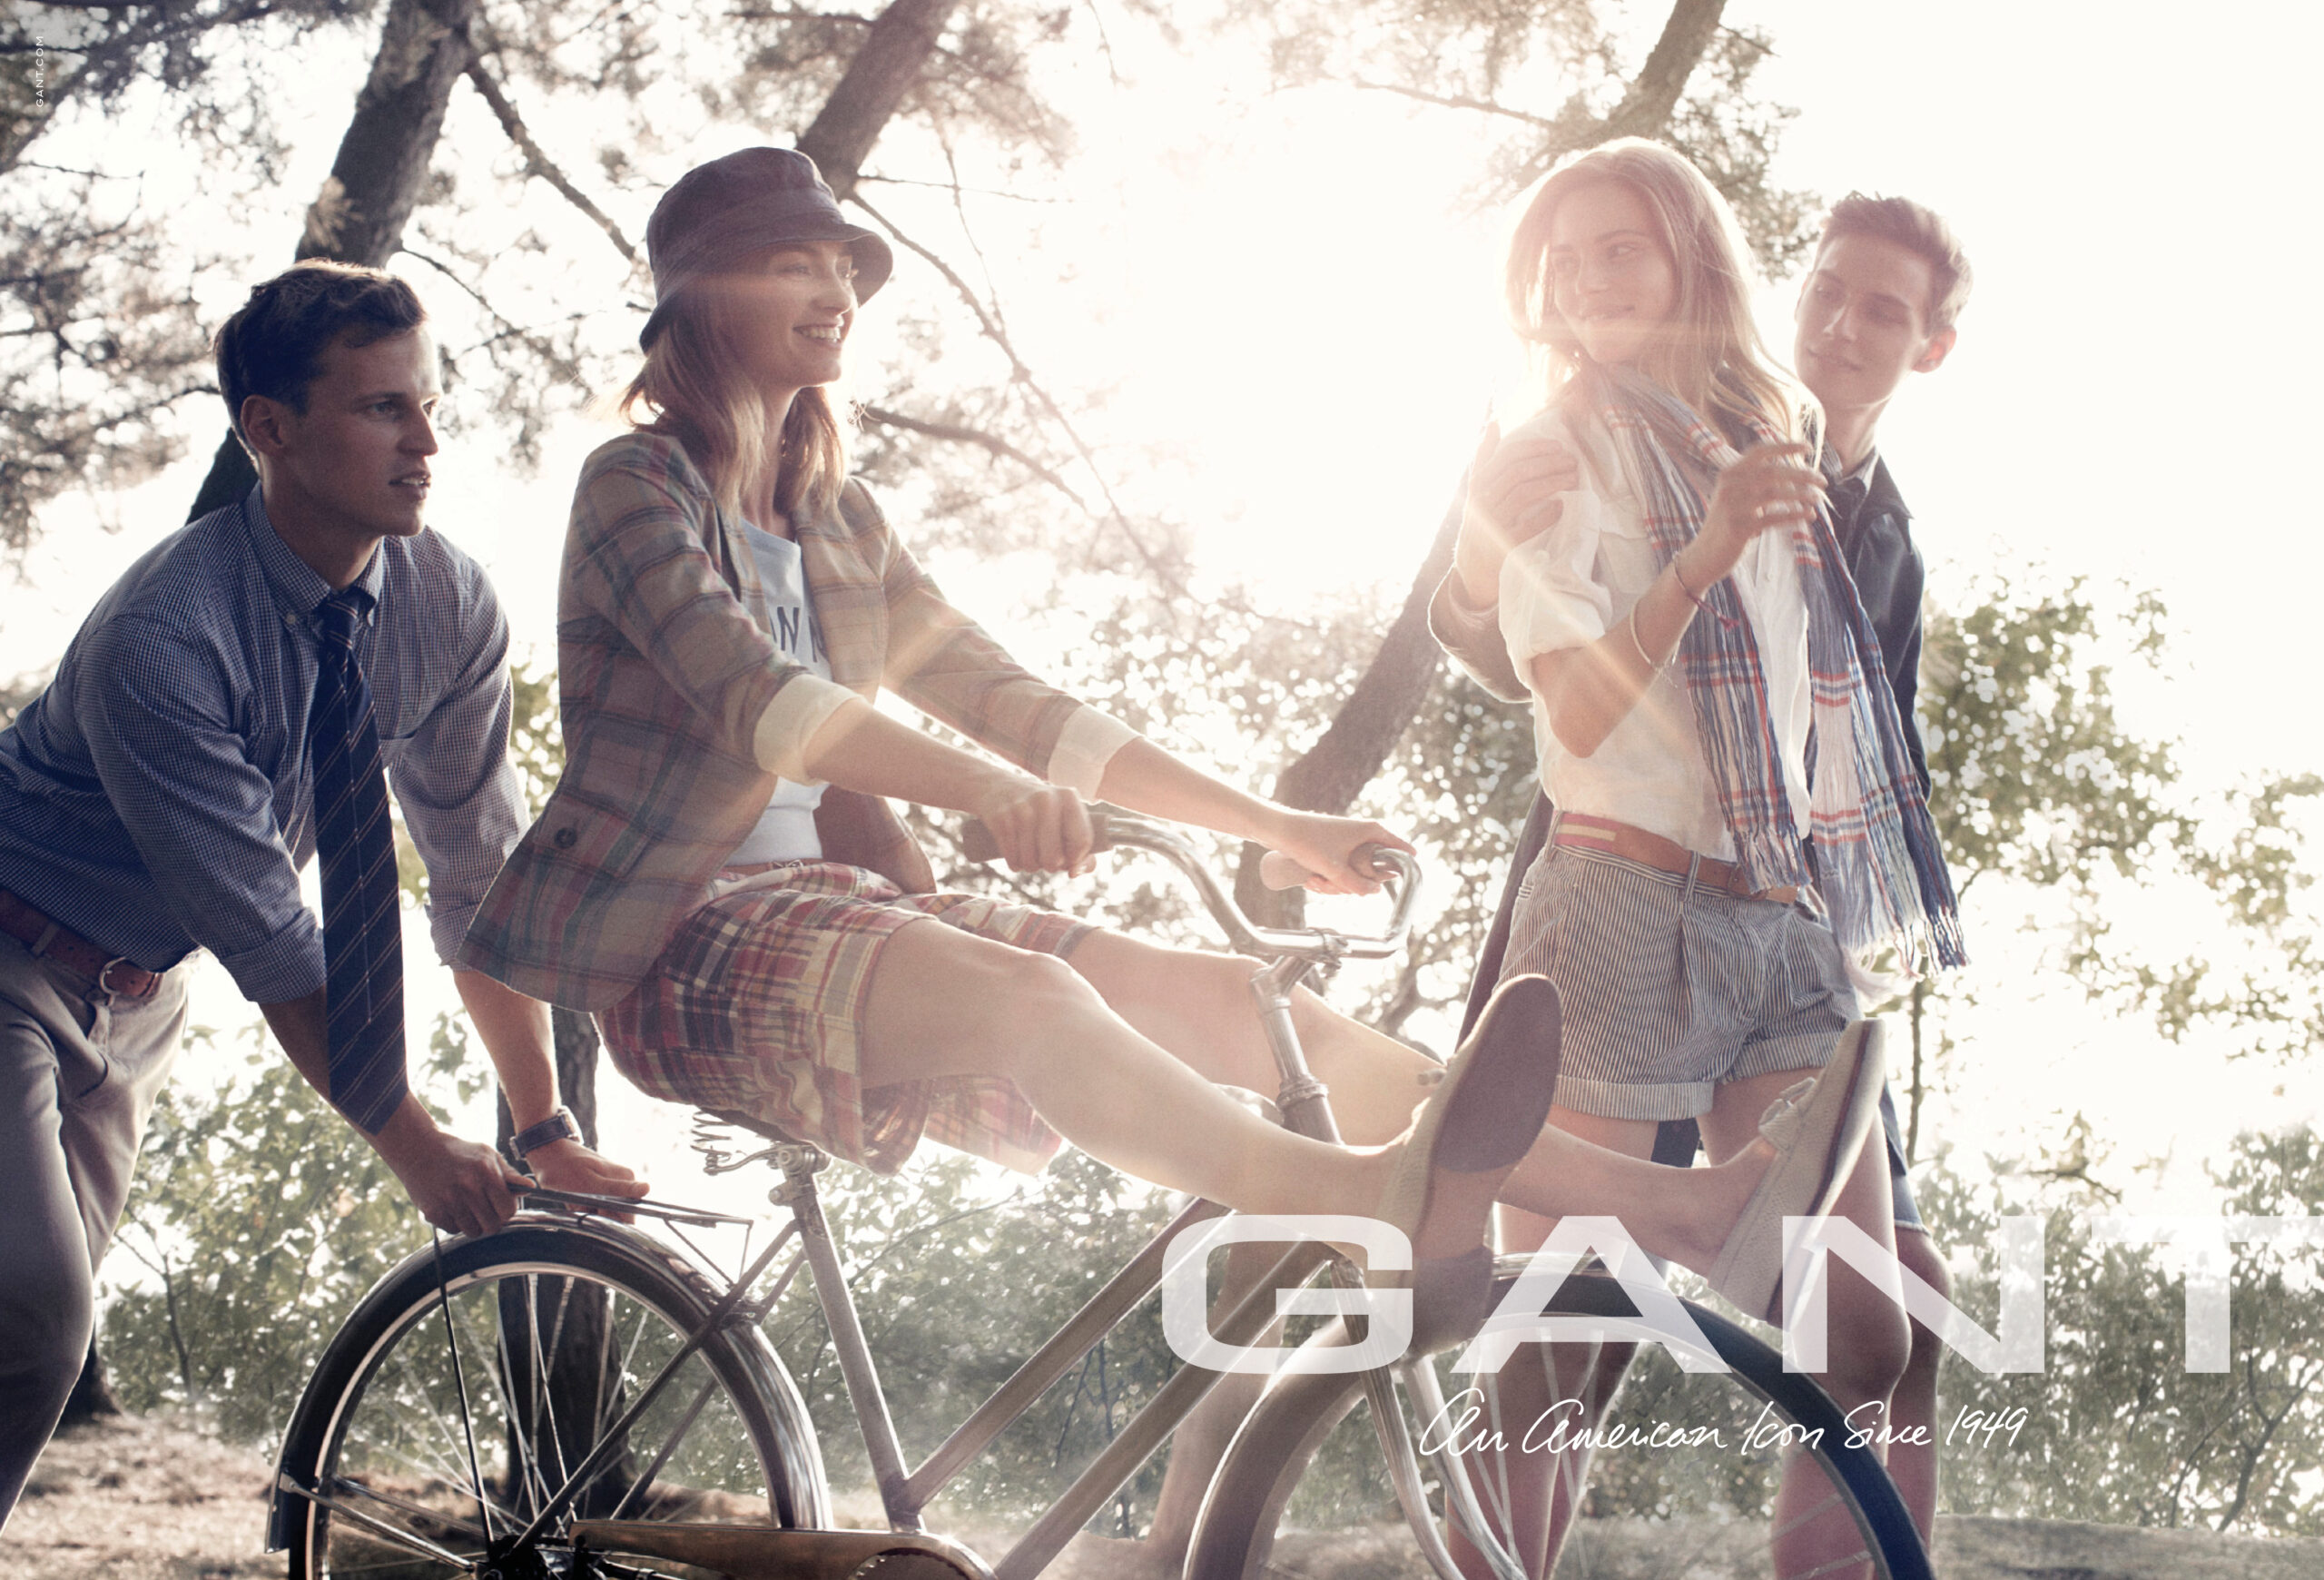 GANT_Ads_SS13_NoStoreTag_template3